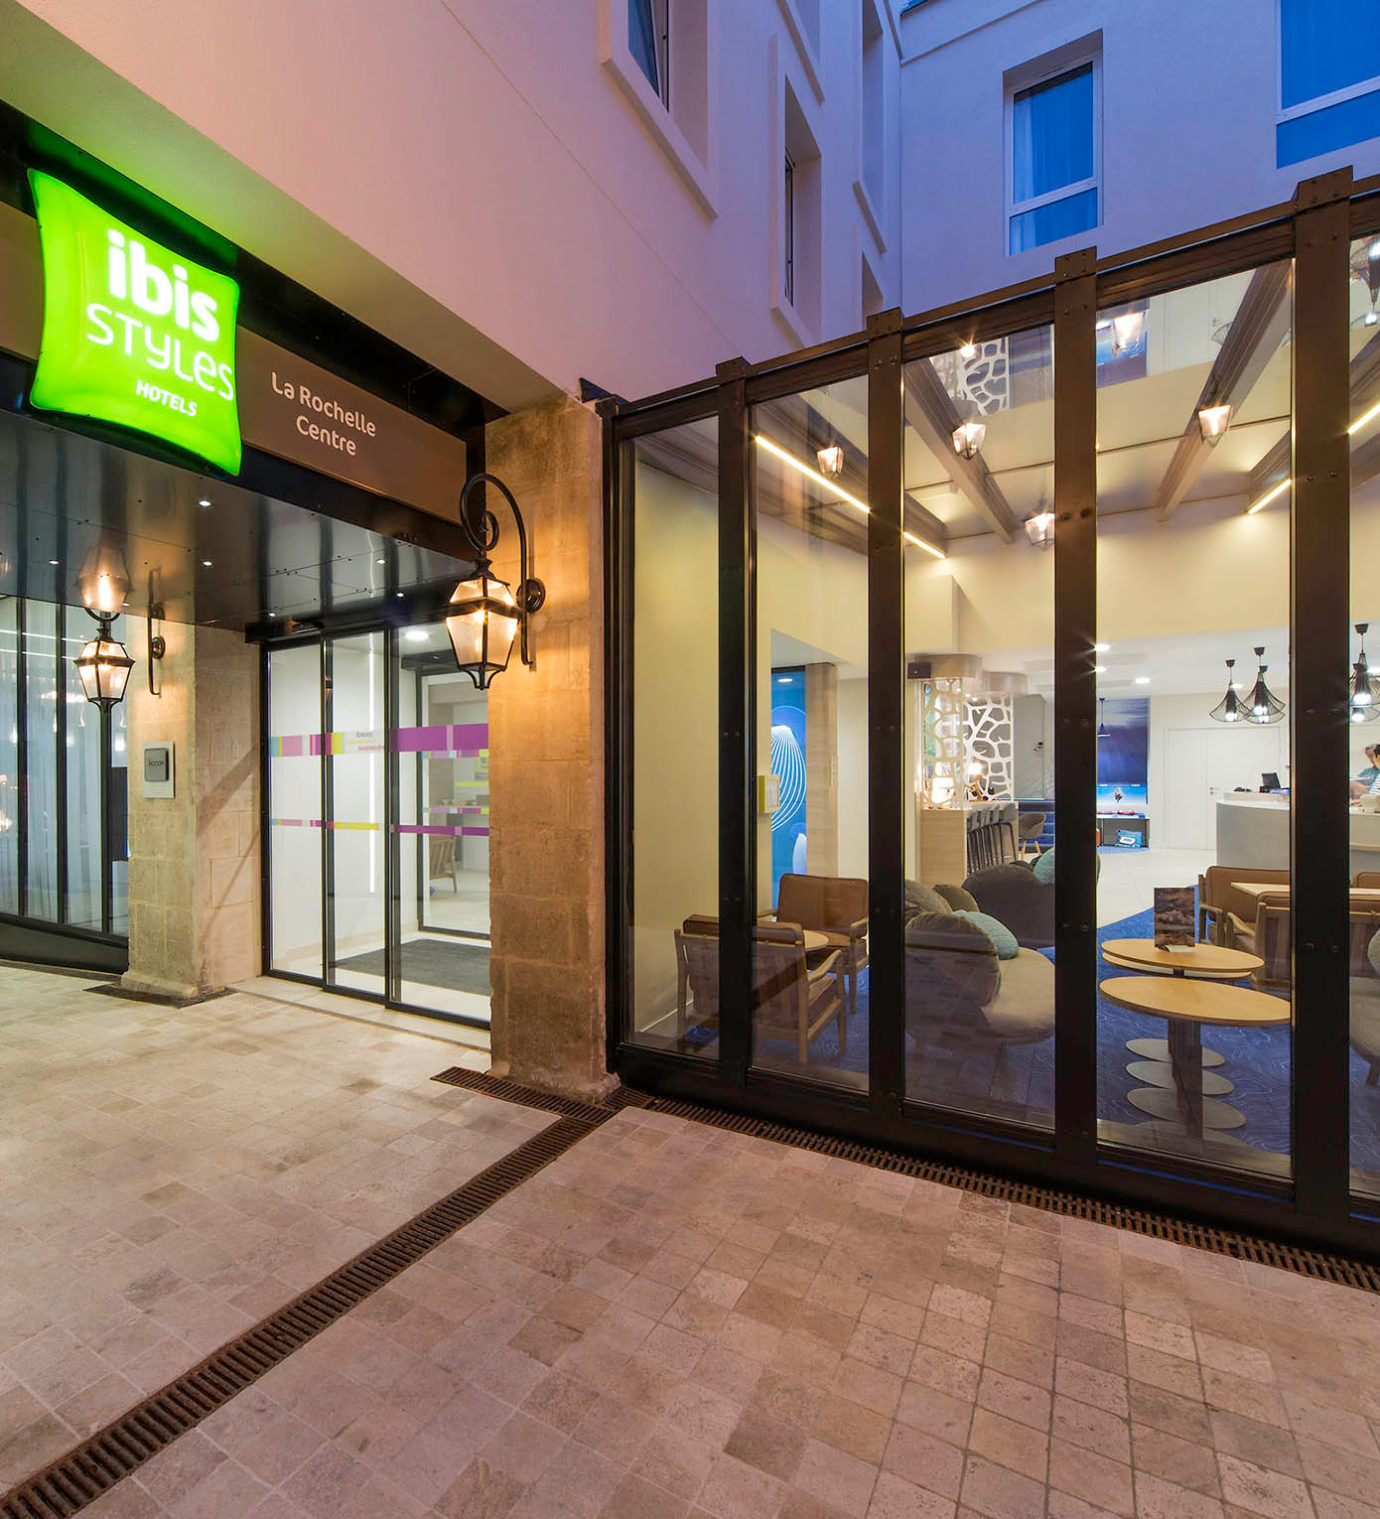 Projet de rénovation et de décoration de l'hôtel Ibis Styles de La Rochelle centre